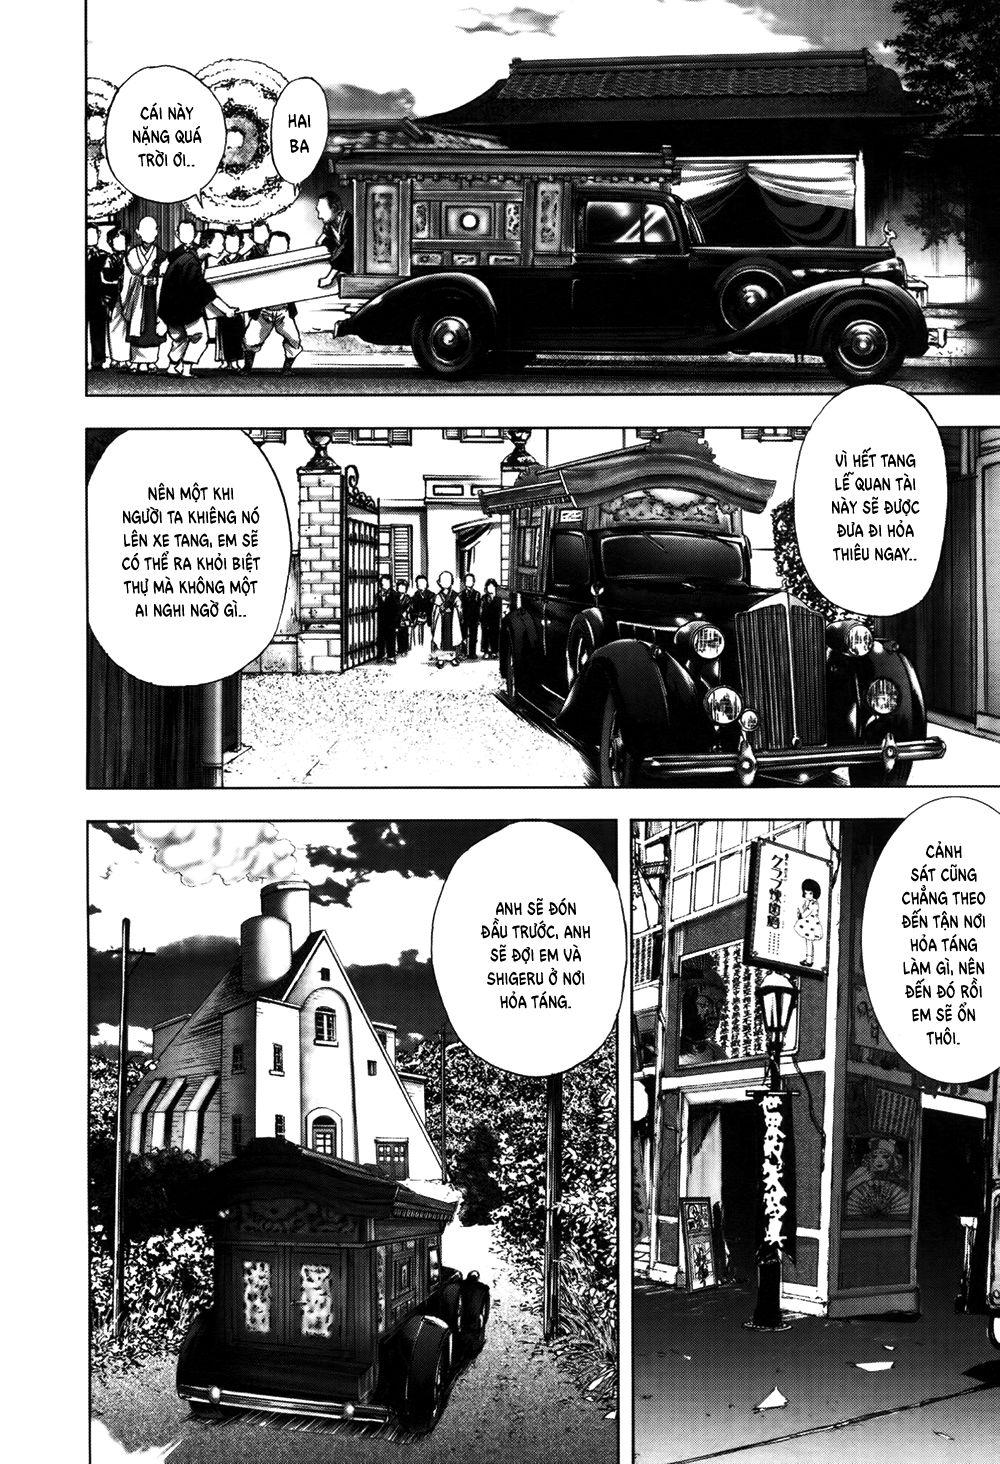 Dị Nhân Quán Chapter 57 - Trang 11